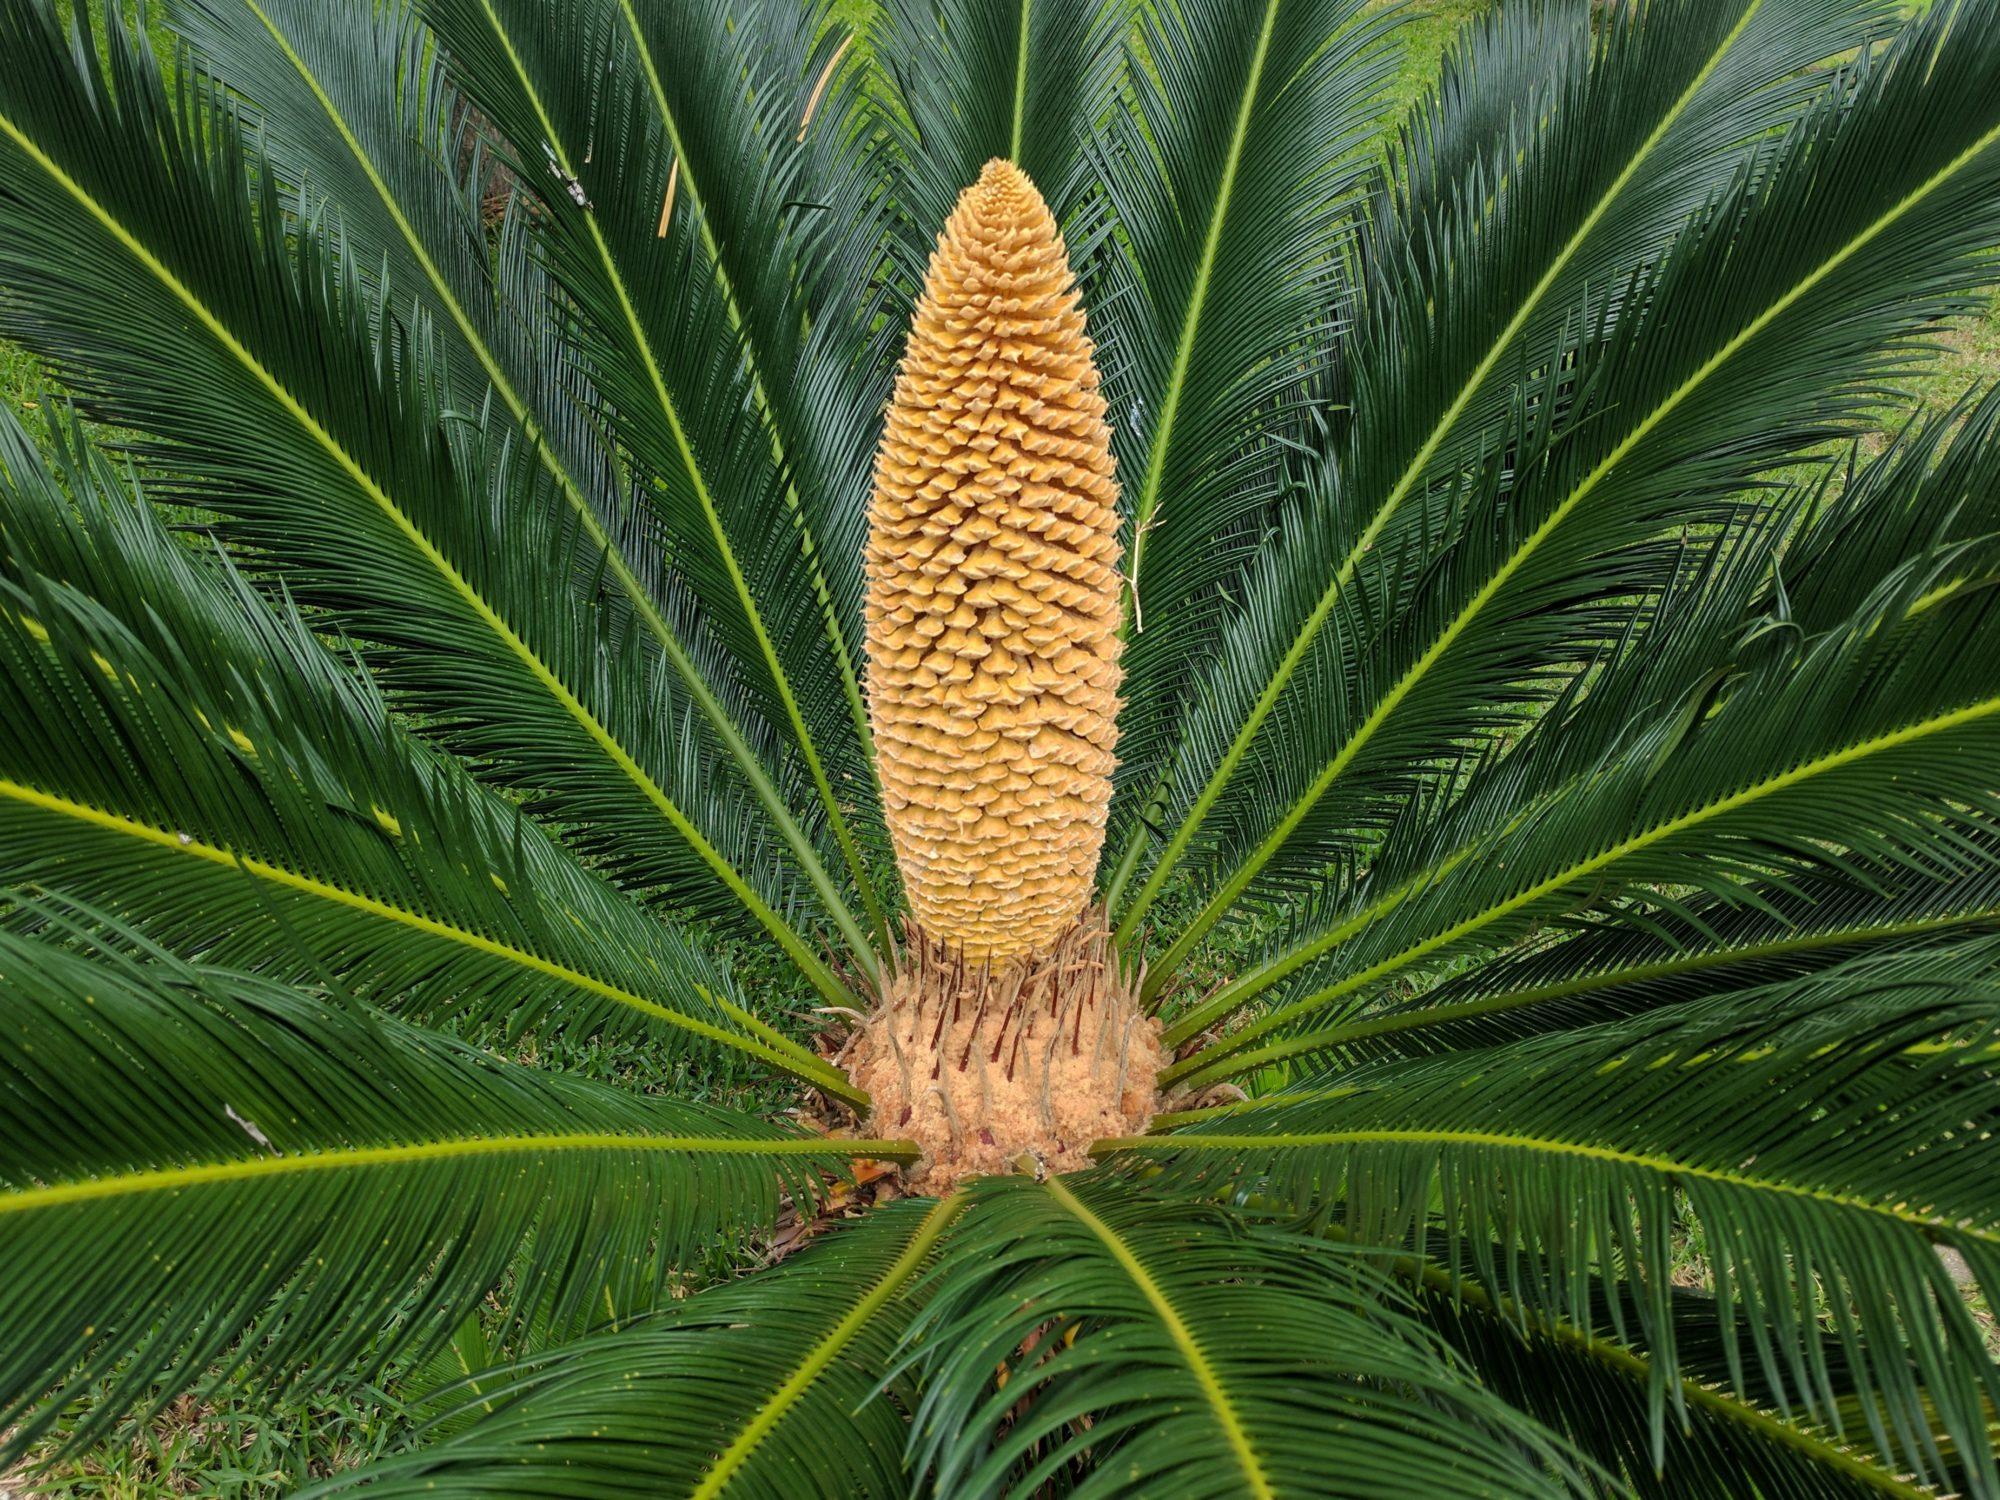 Один раз на 60 млн років: на древній рослині вперше з'явилися шишки - температурні рекорди - 29 derevo 2000x1500